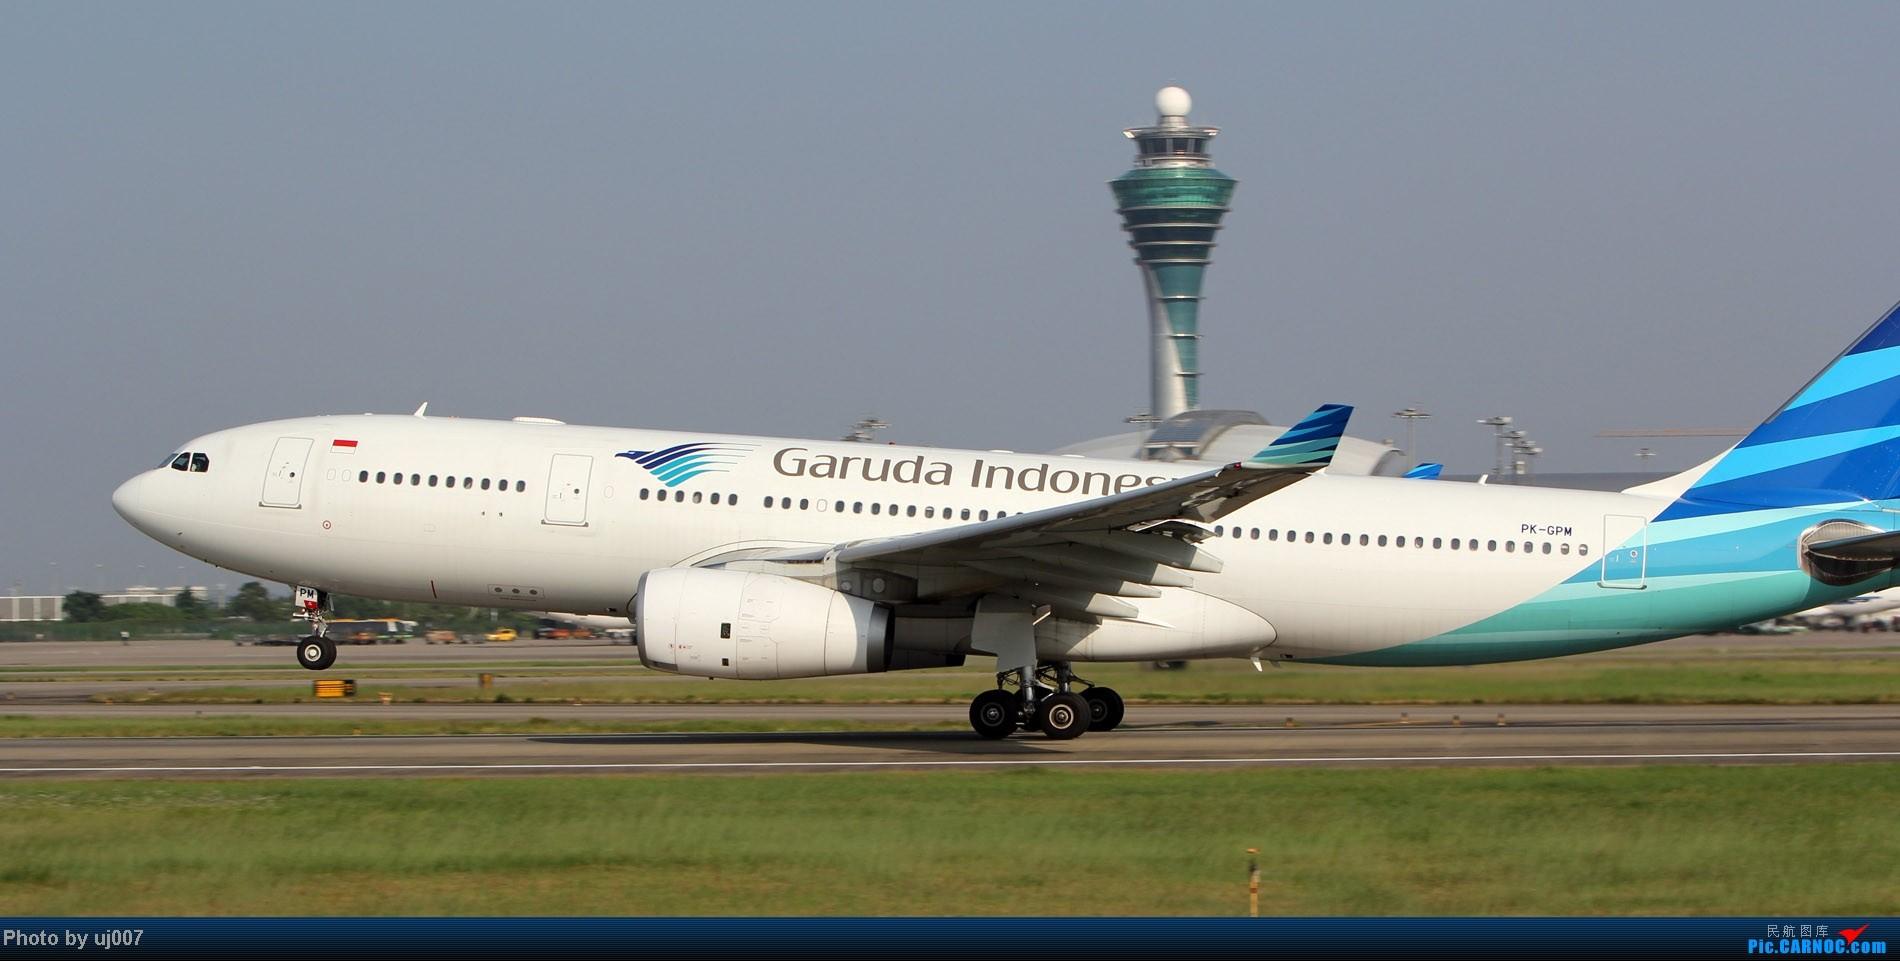 Re:[原创]10月2日白云拍机,超级多图系列(大飞机,特别妆,外航,闪灯,擦烟)求指点. AIRBUS A330-200 PK-GPM 中国广州白云机场